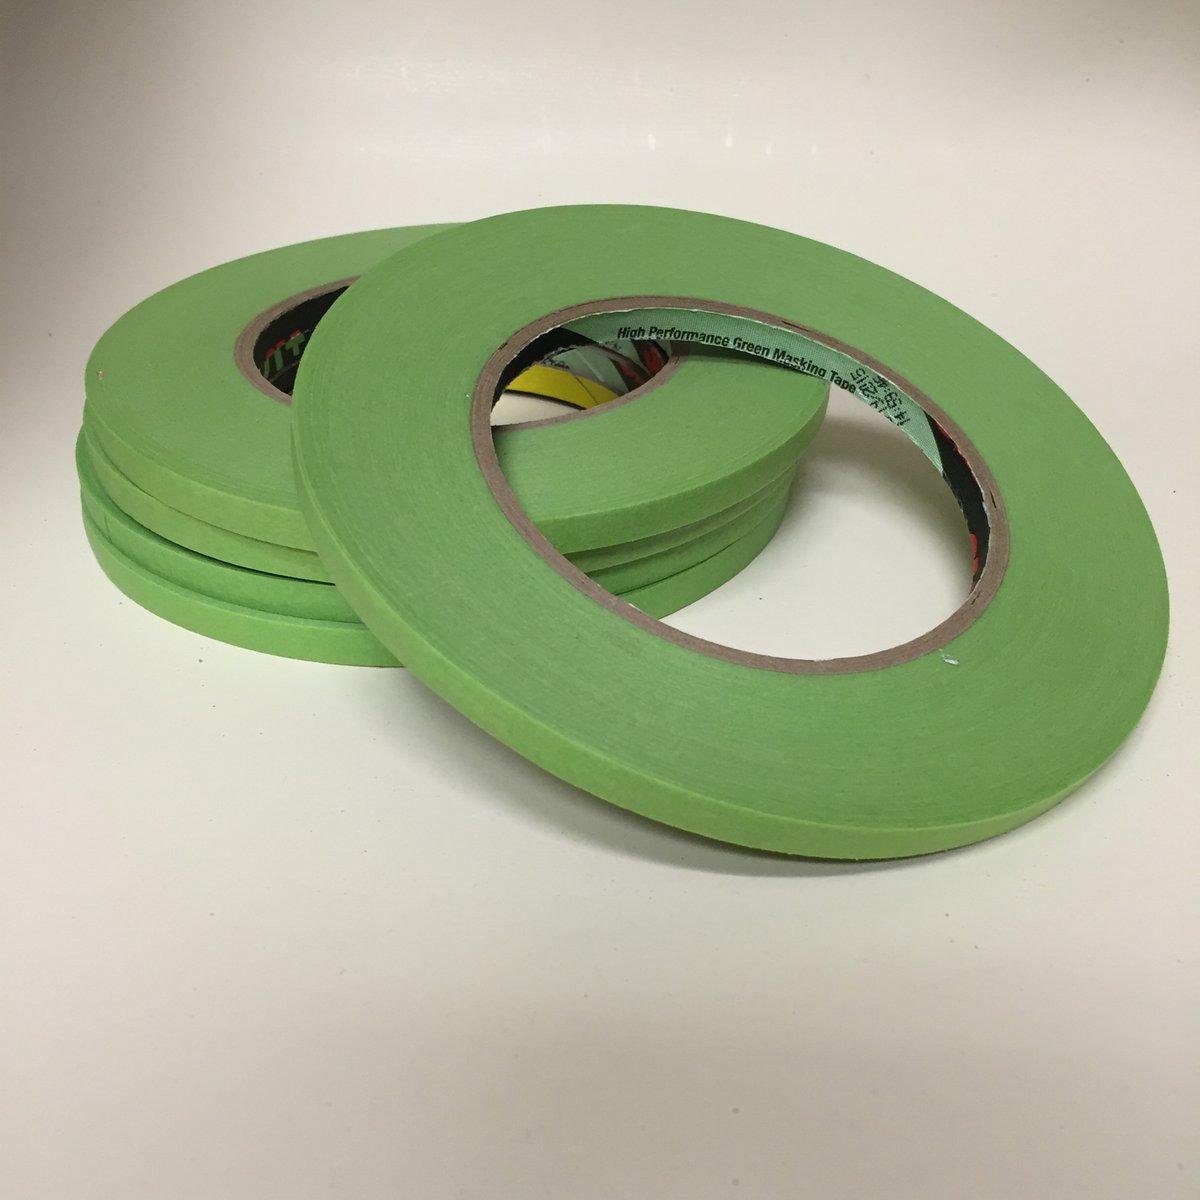 Image of Masking tape's